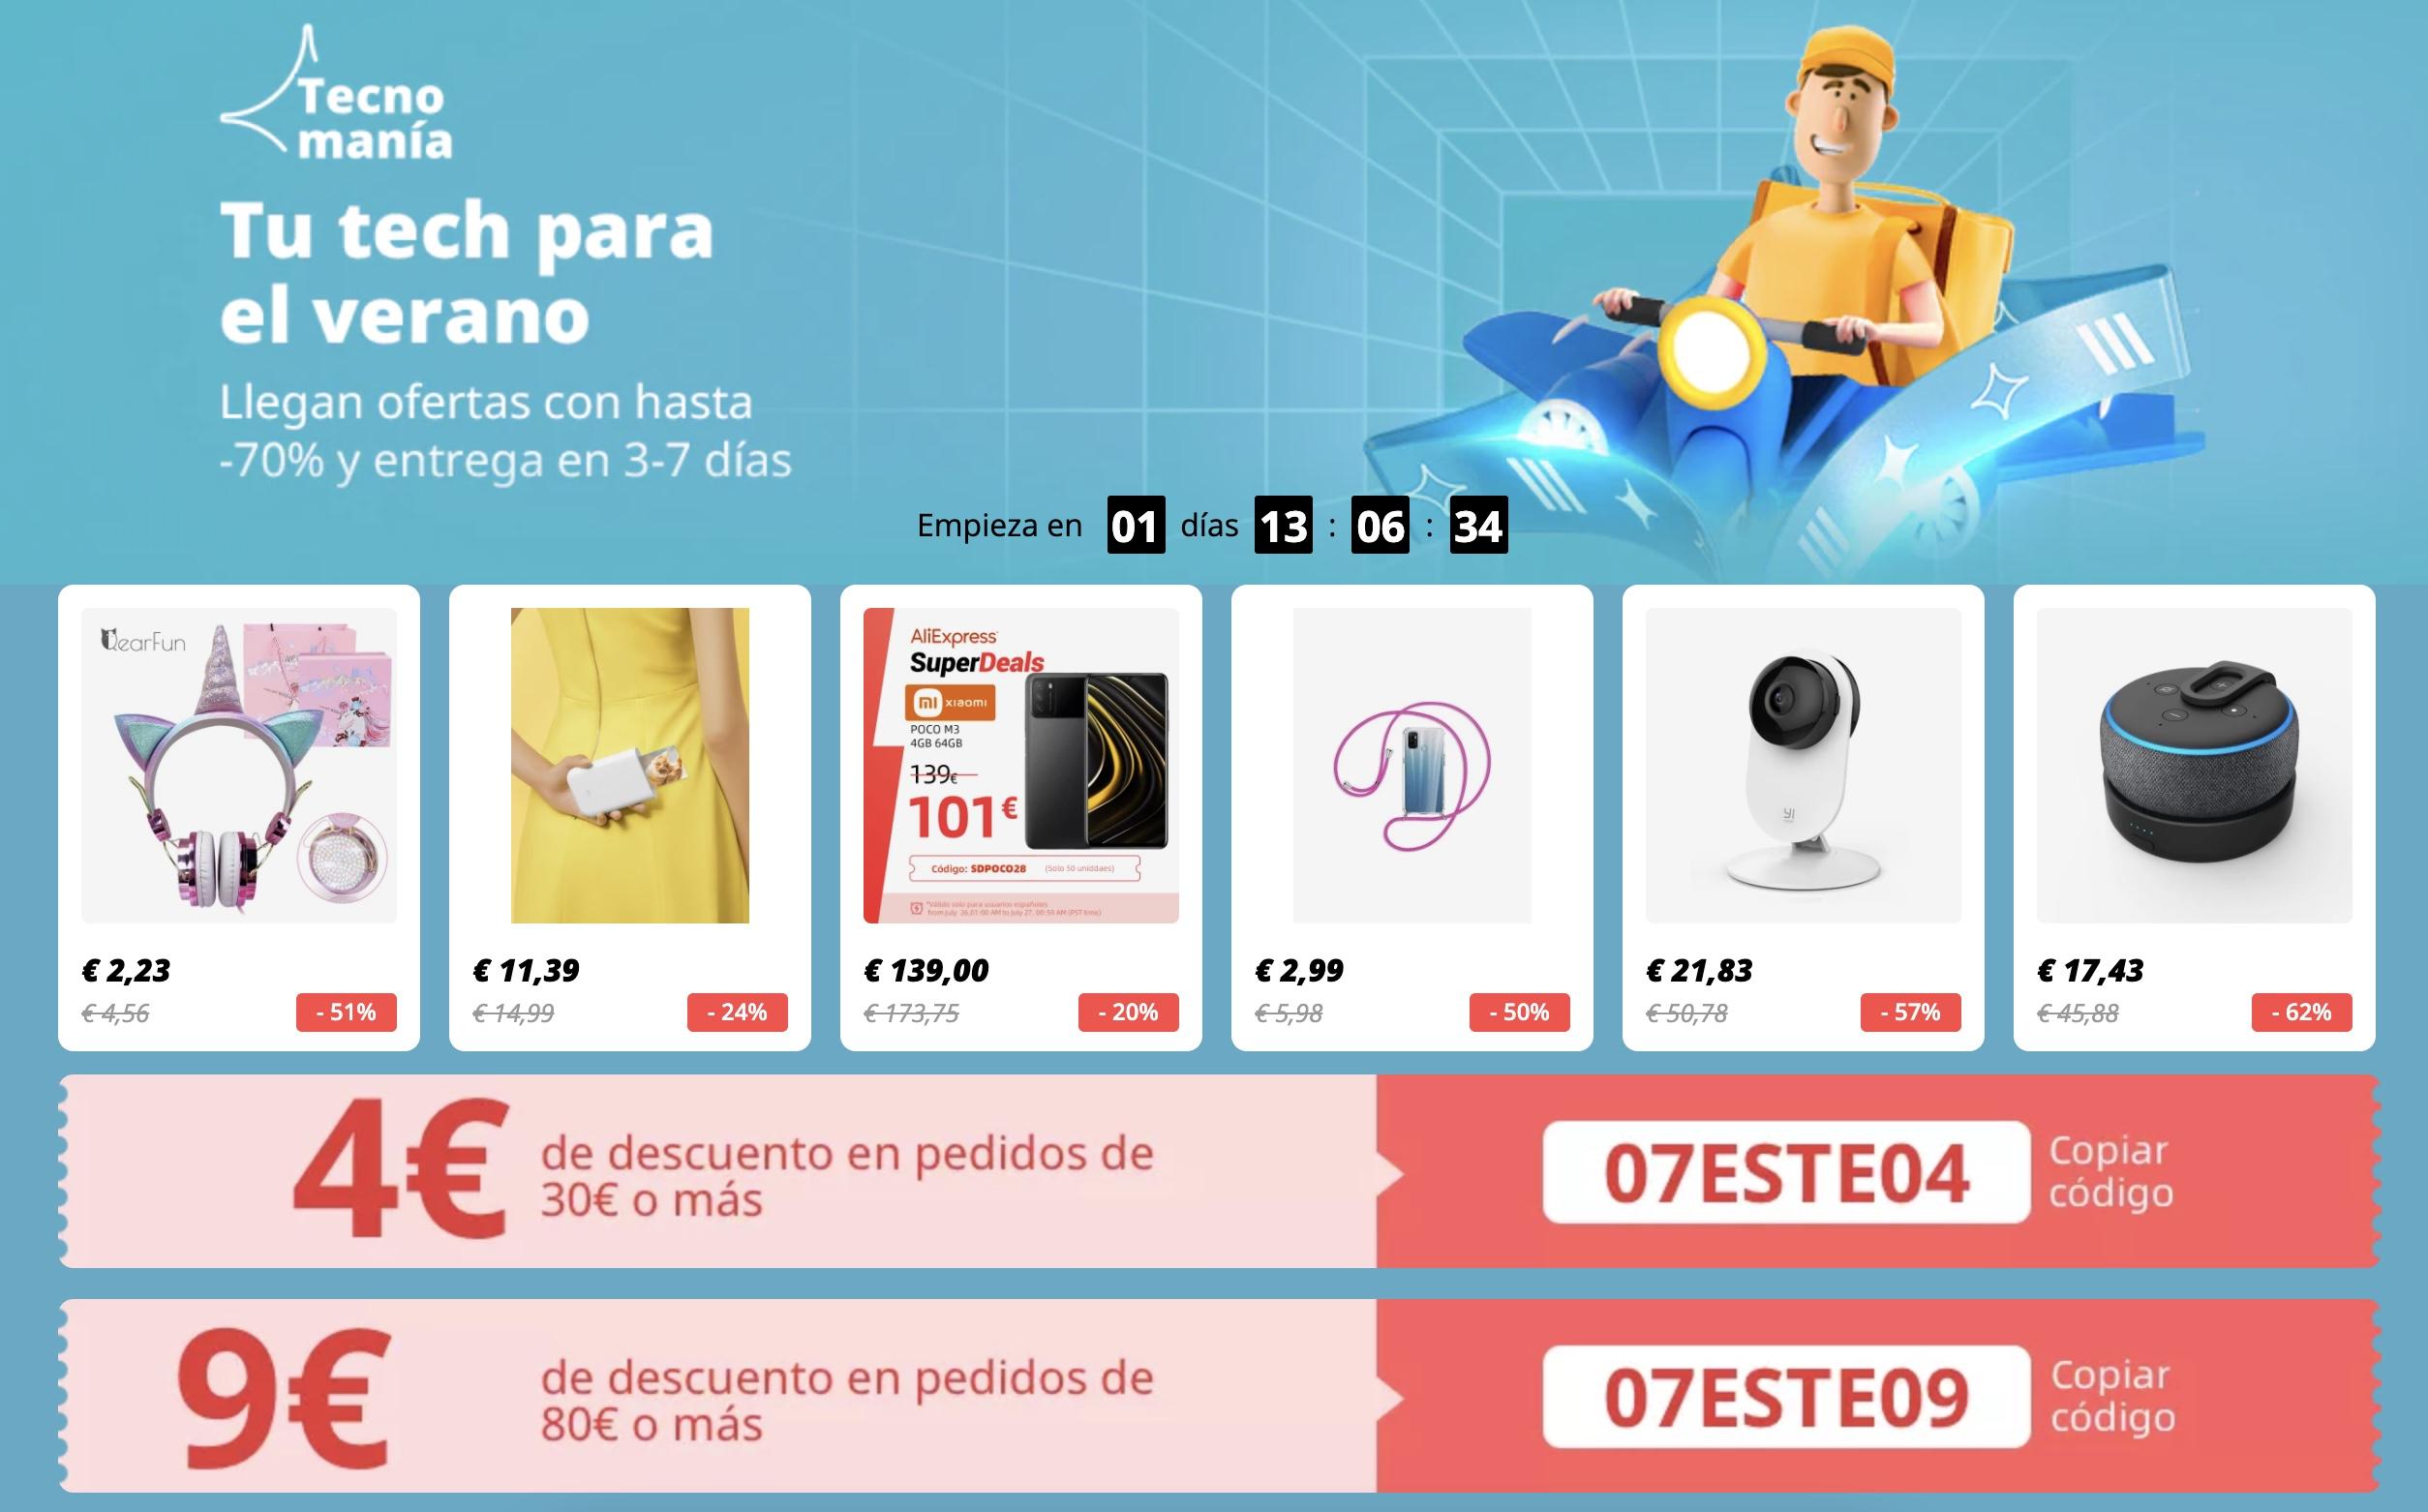 TecnoManía: Tu tech para el Verano